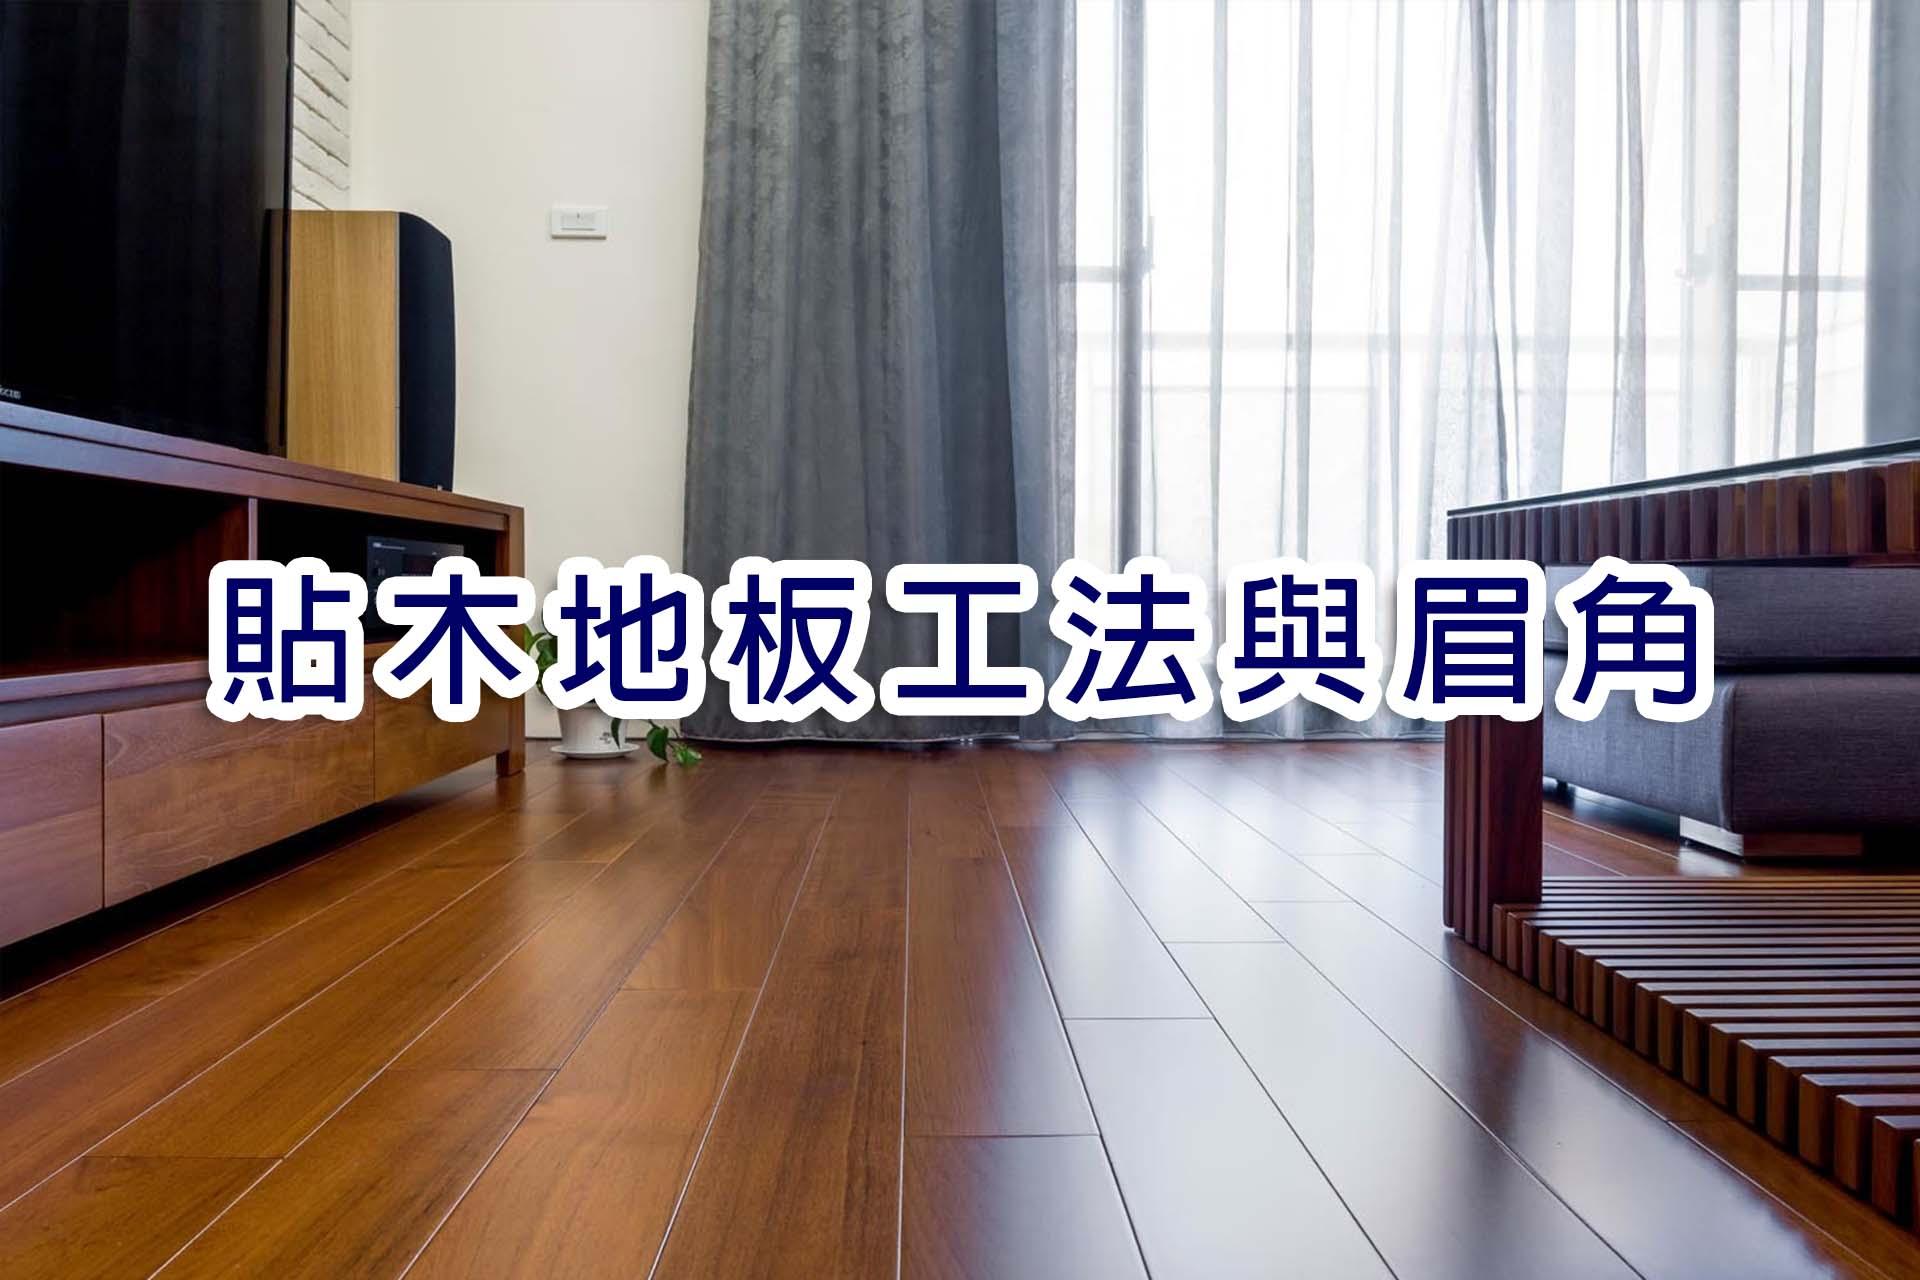 木地板施工方式好多種,到底平舖、直舖、架高,那種方法適合我?